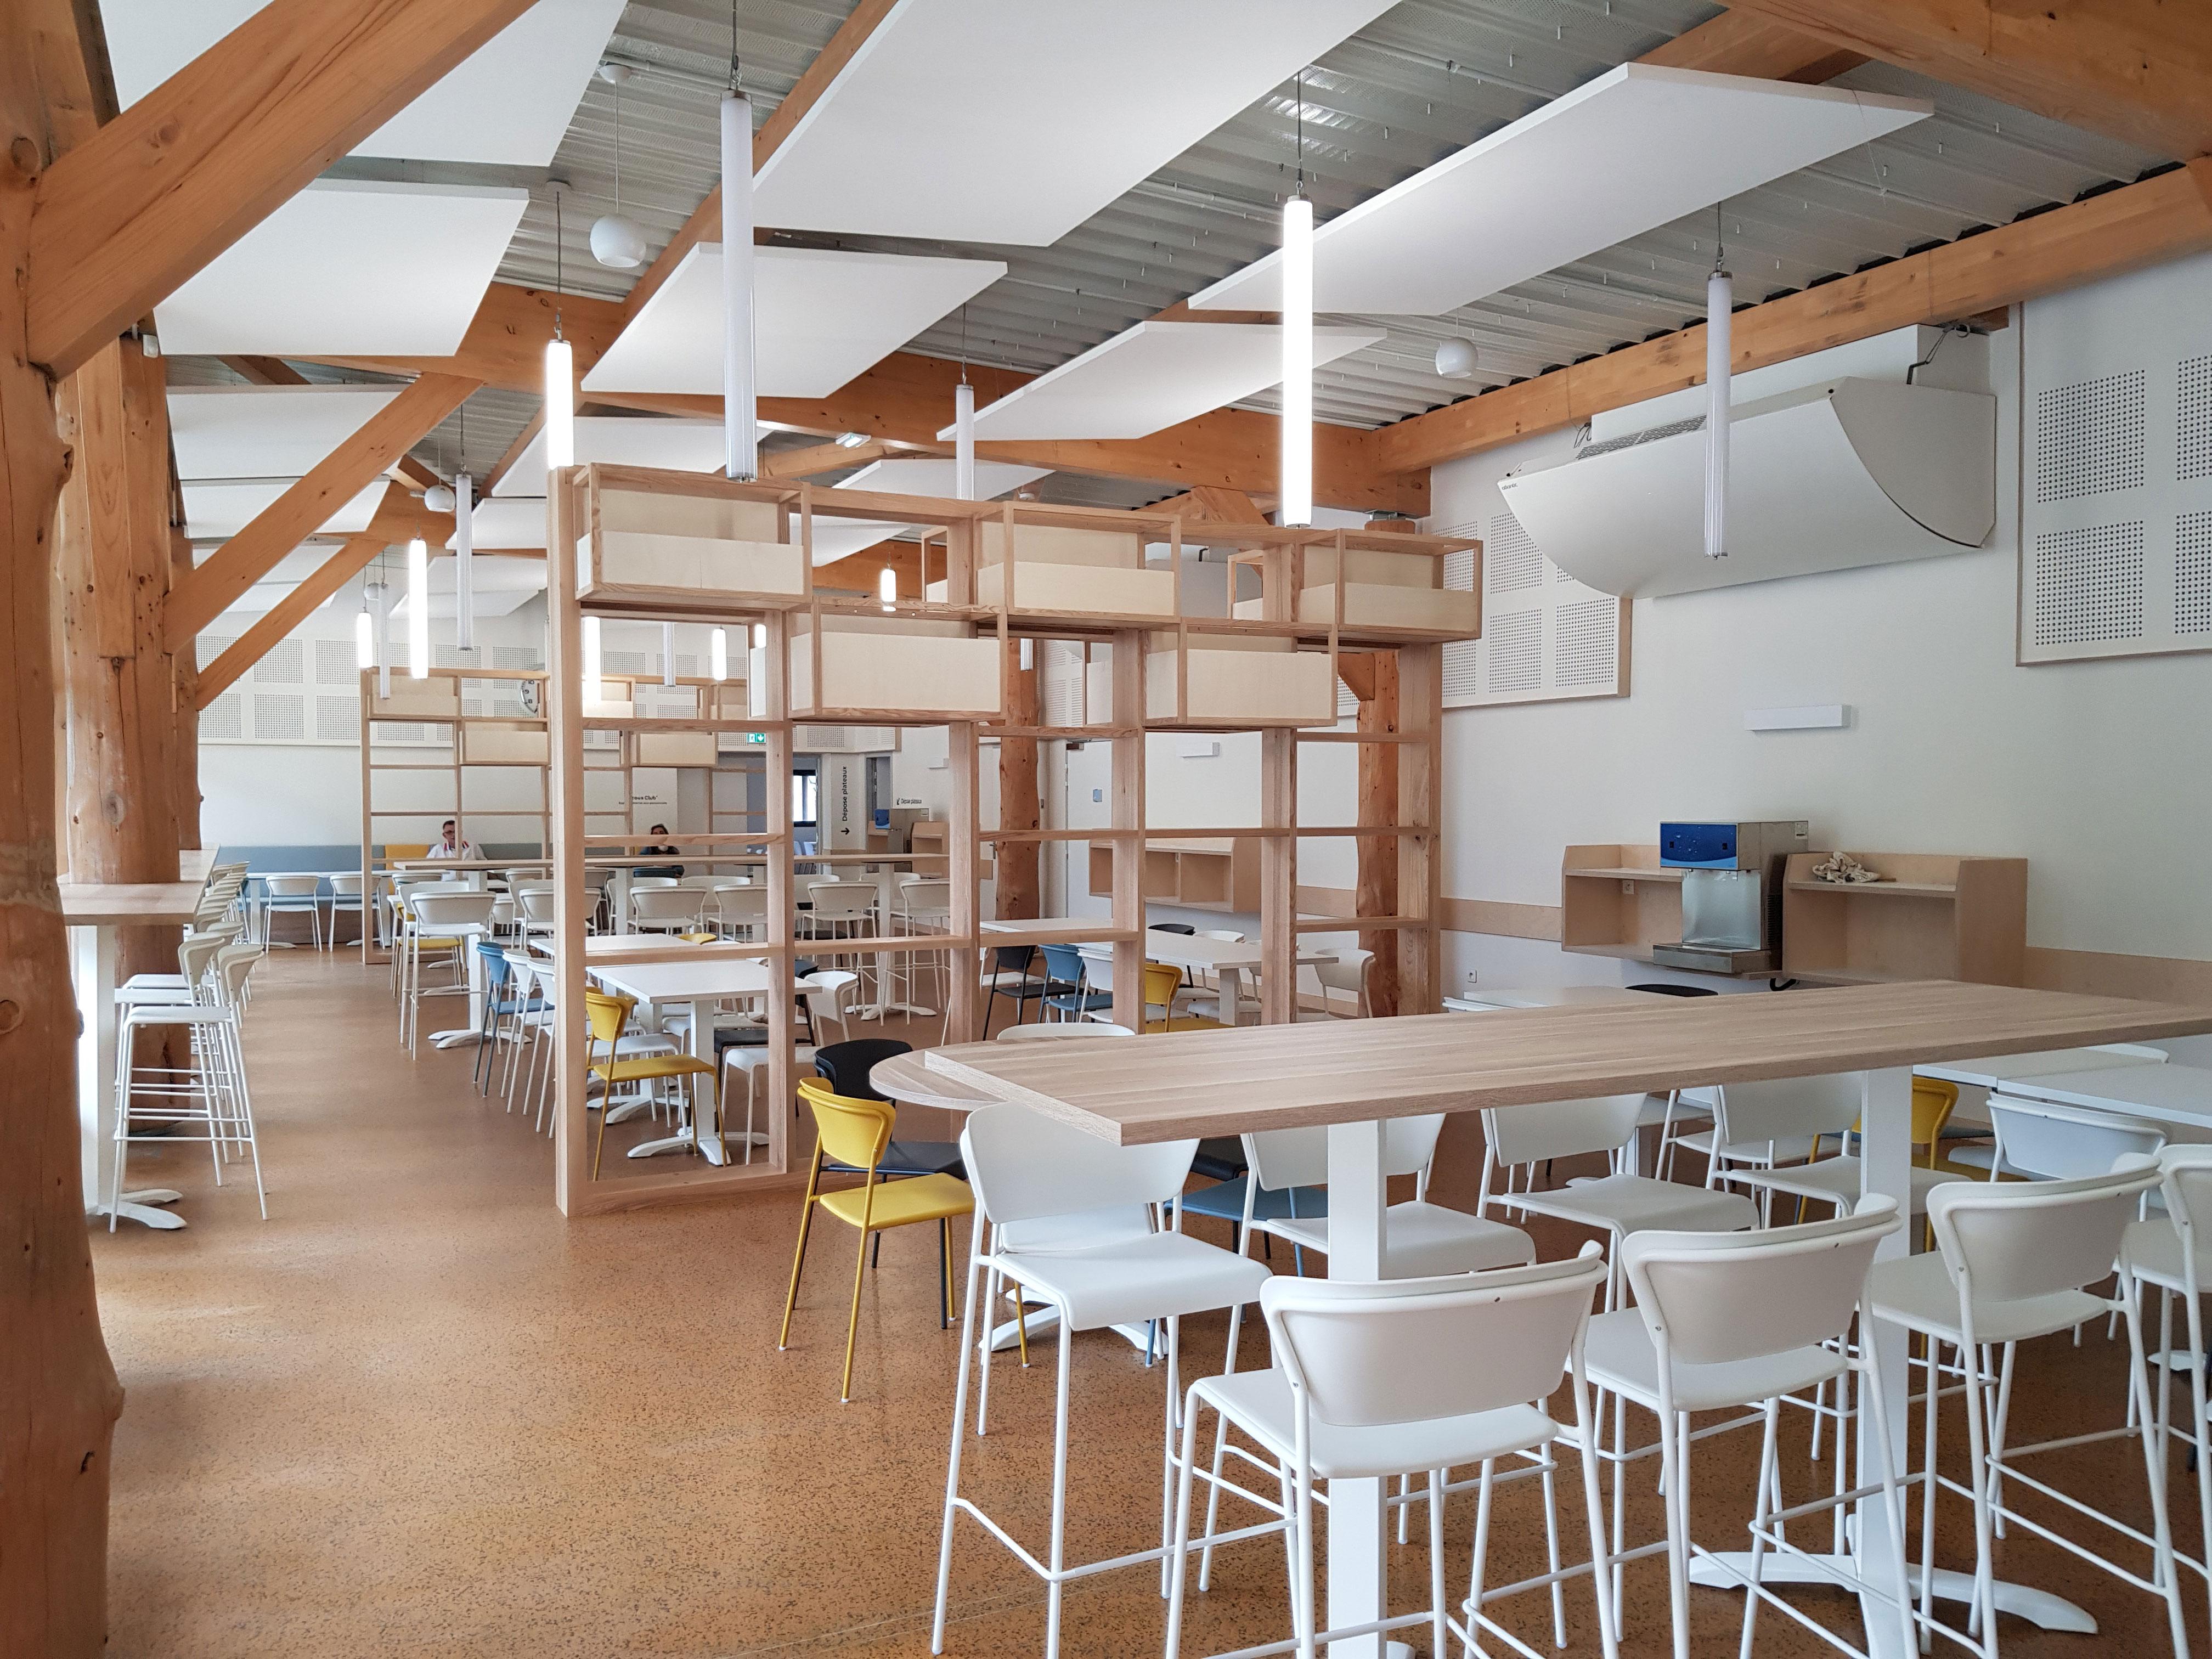 Mobilier design et fonctionnel, des couleurs épurées et des hauteurs variées, le tout pour apporter modernité et dynamisme à ce lieu de vie et ravir les étudiants.